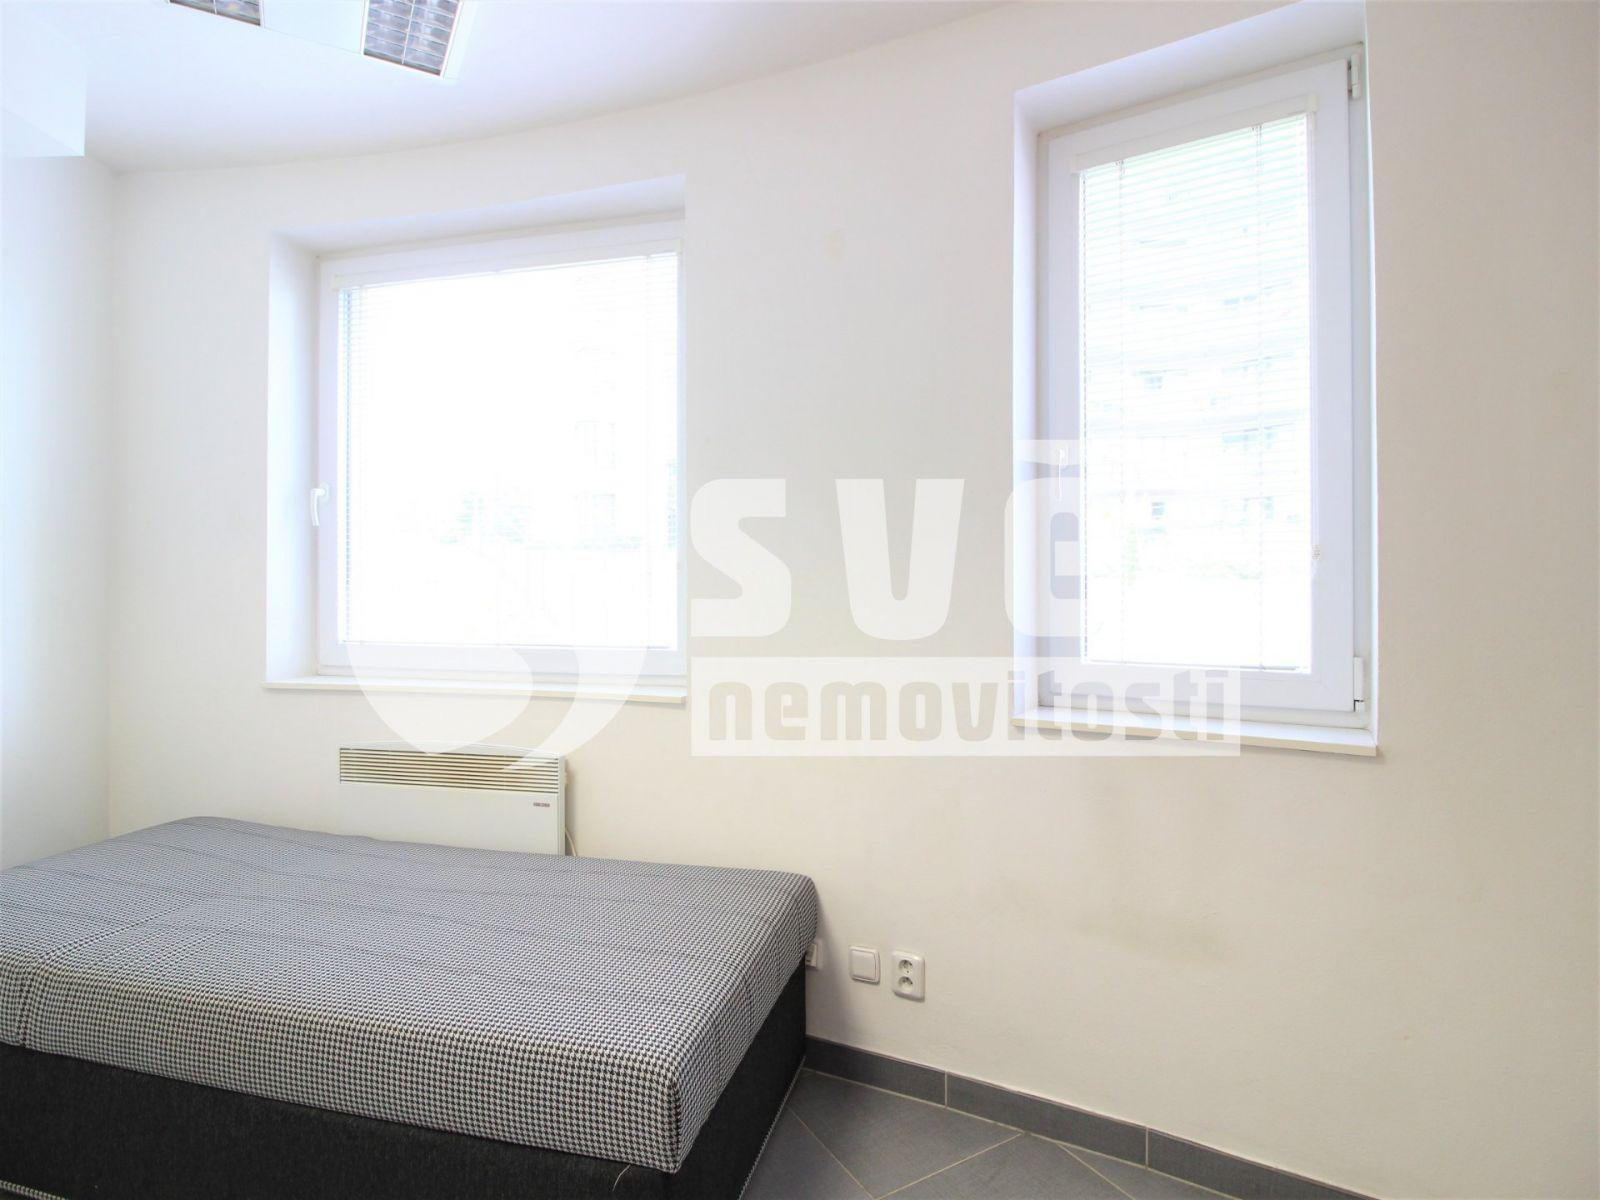 Prodej komerčního prostoru 13 m2